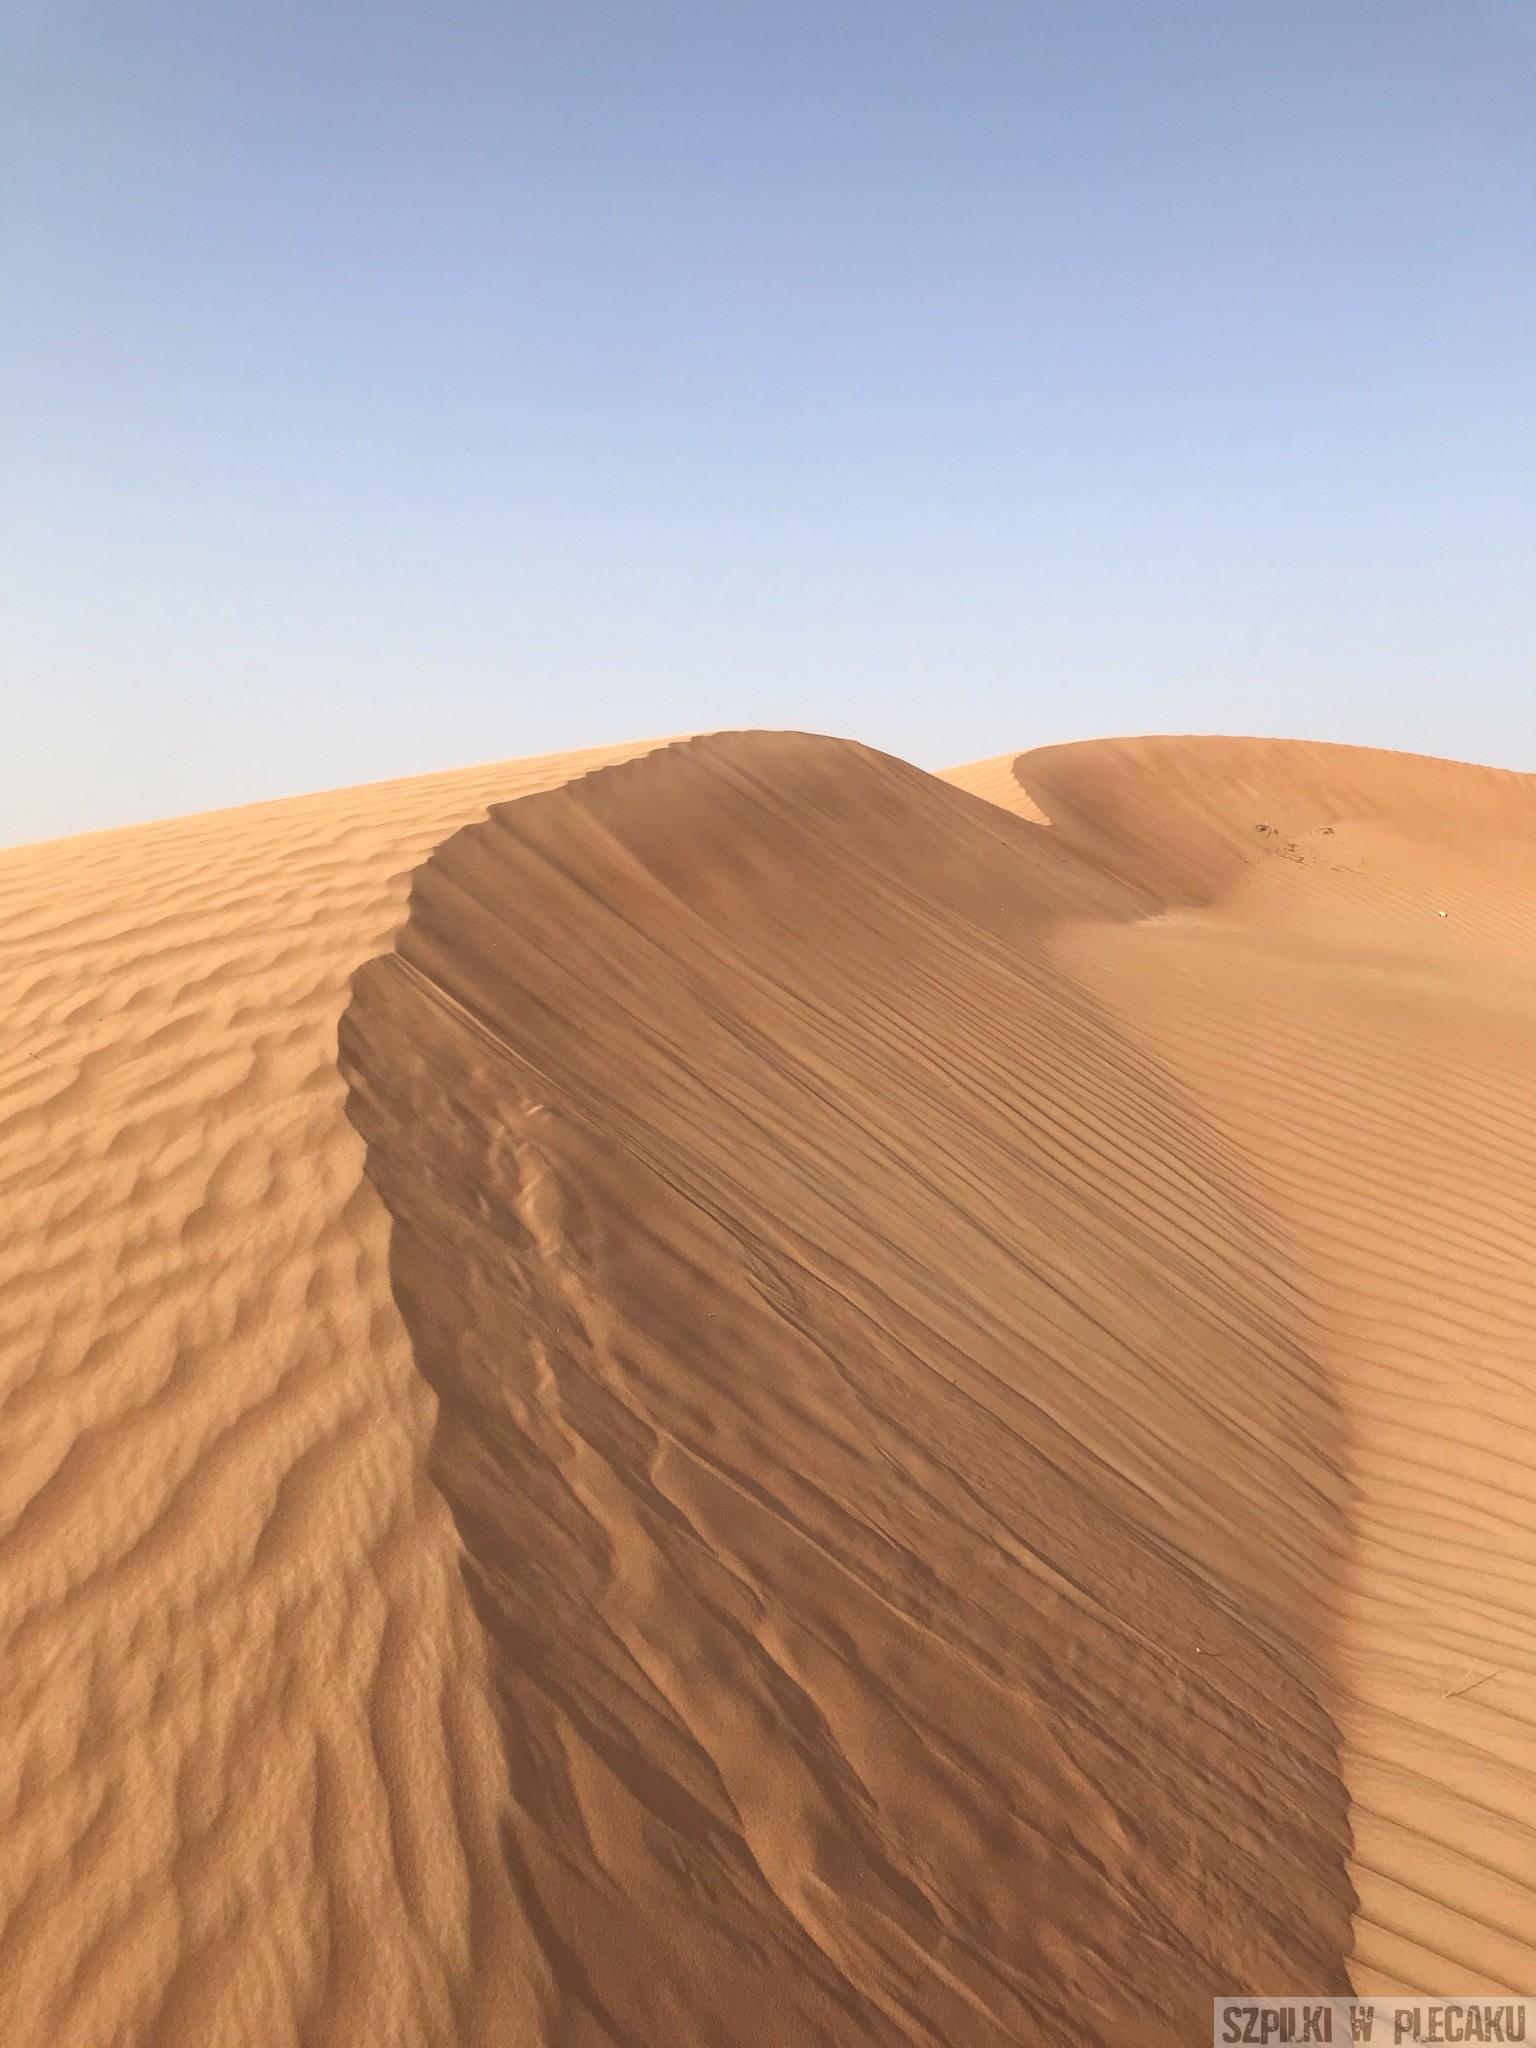 pustynia Dubaj inaczej z przygodą i adrenaliną - Szpilki w plecaku